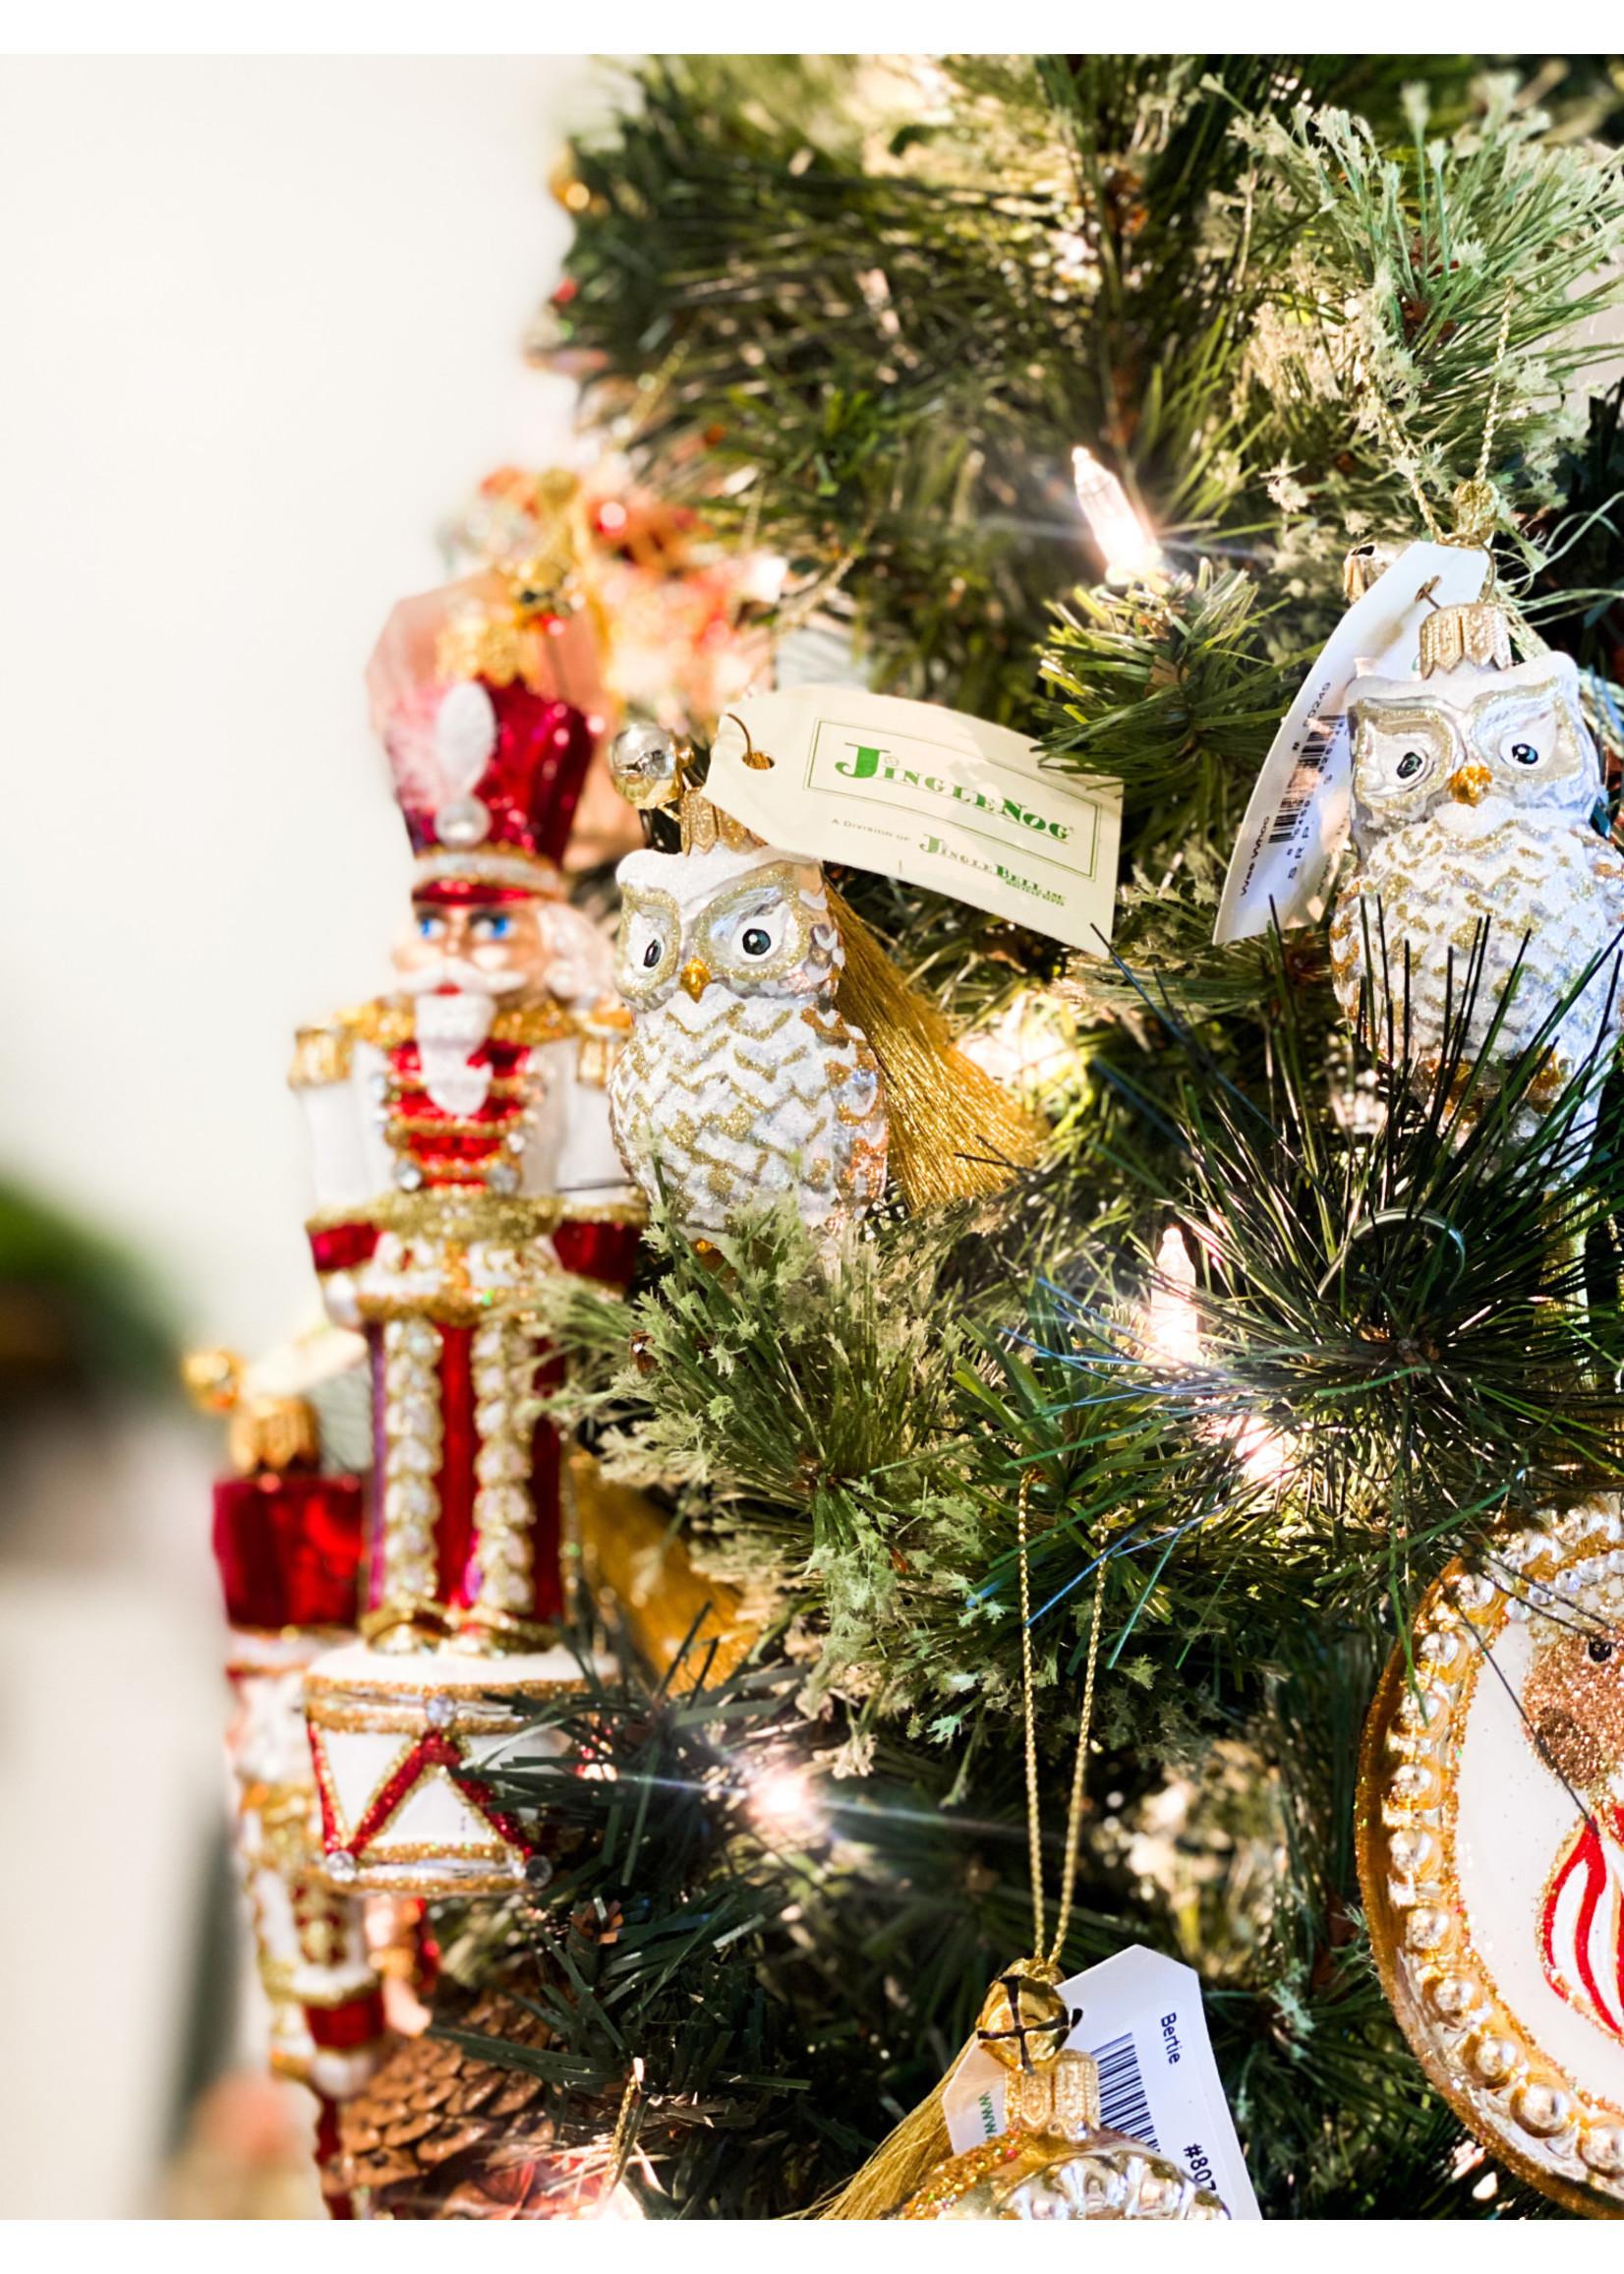 Jingle Nog Ornament - Wee Whoo